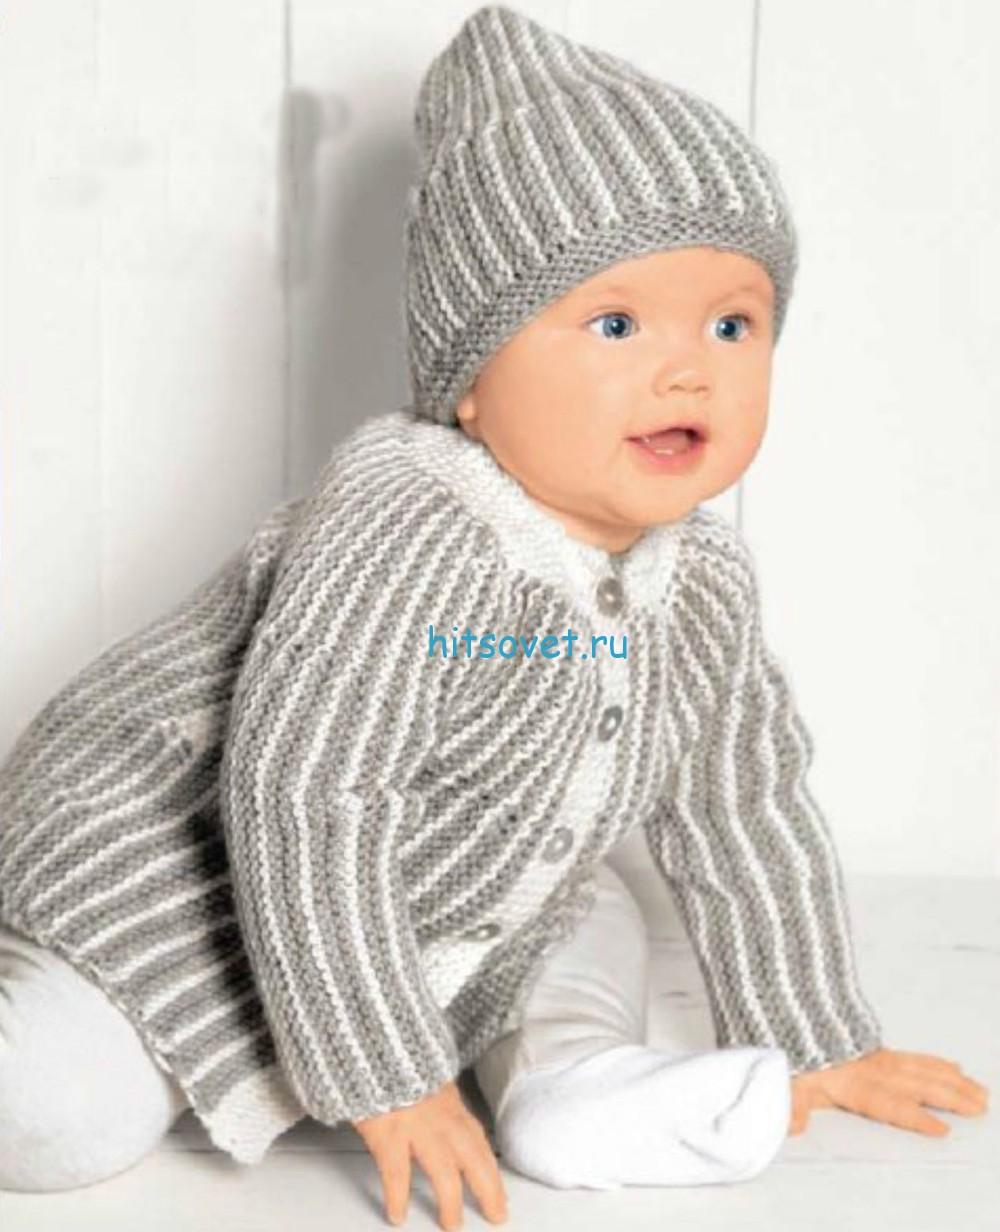 Полосатый комплект для малыша спицами